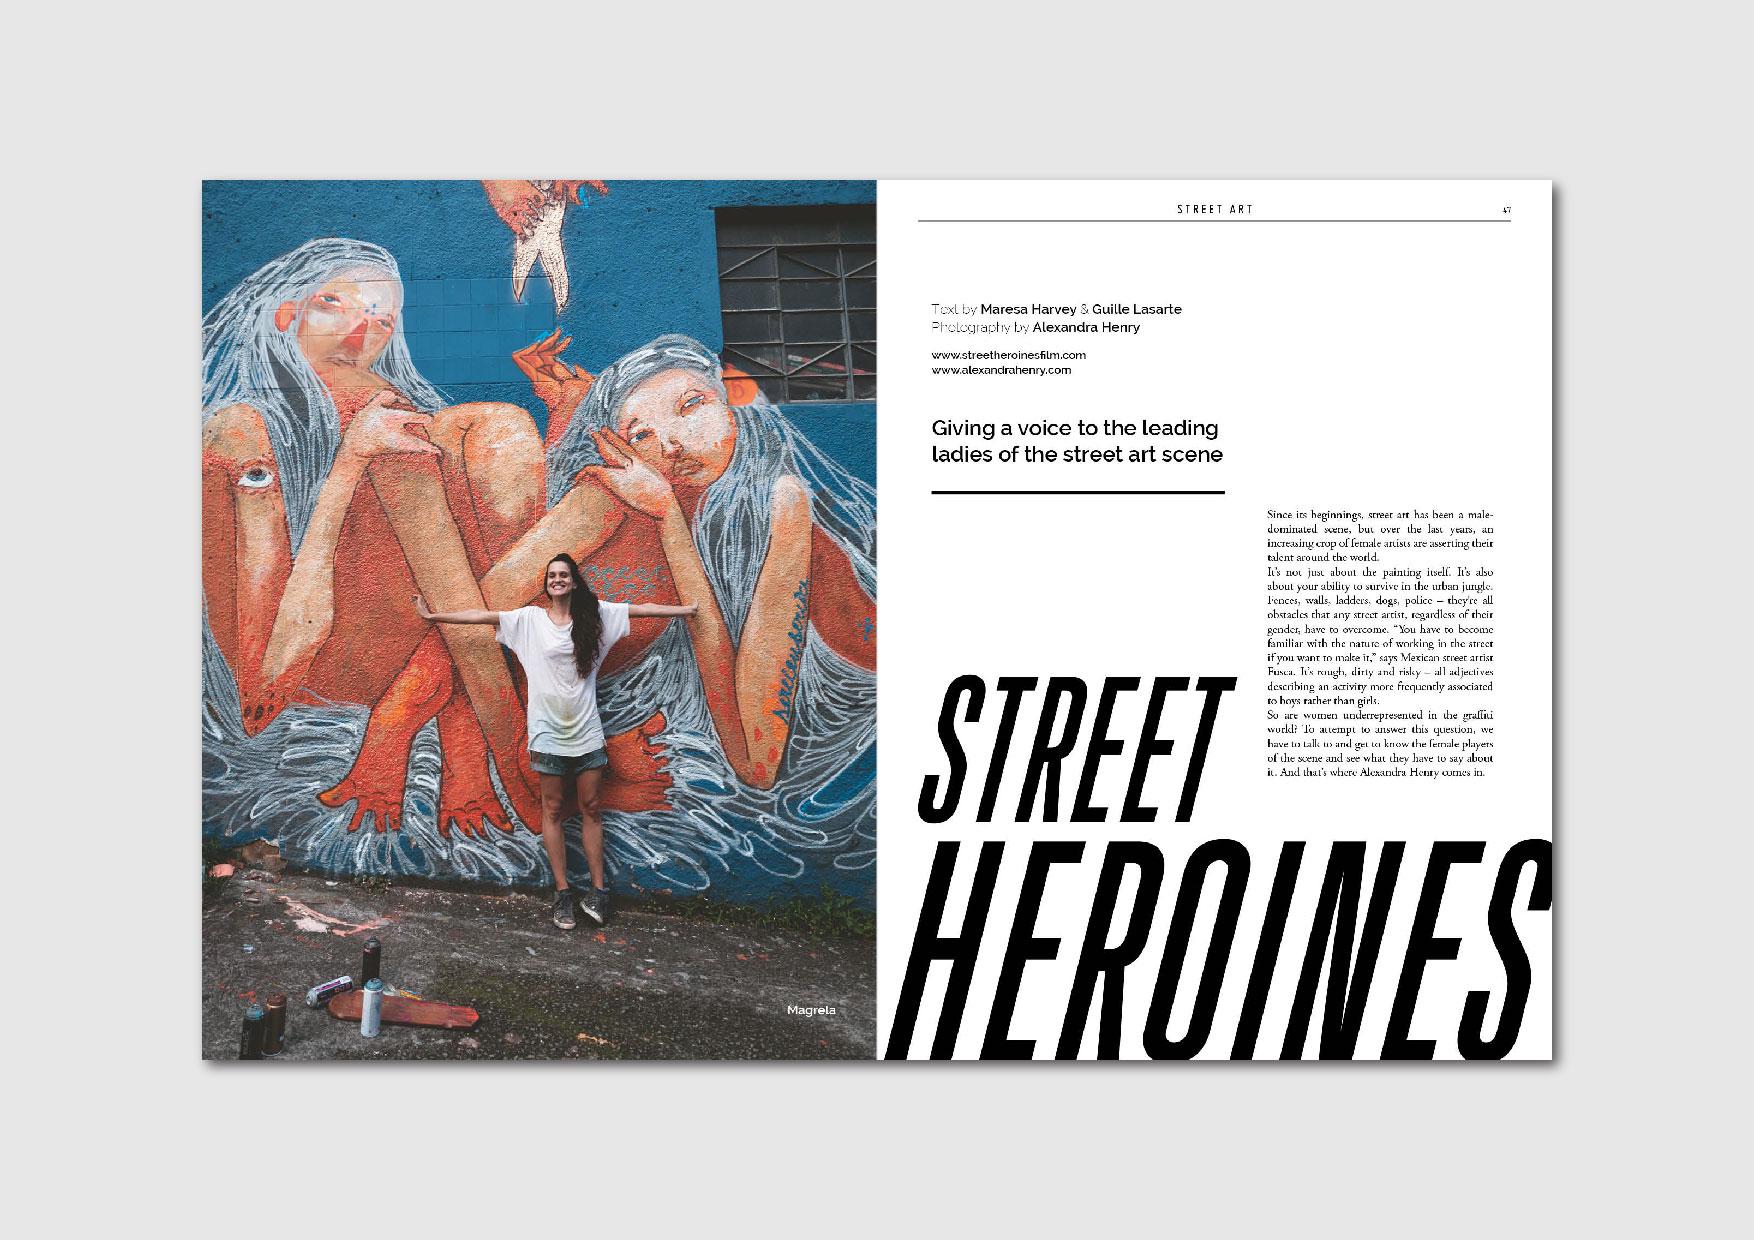 Street Heroines: Alexandra Henry's documentary on female street artists